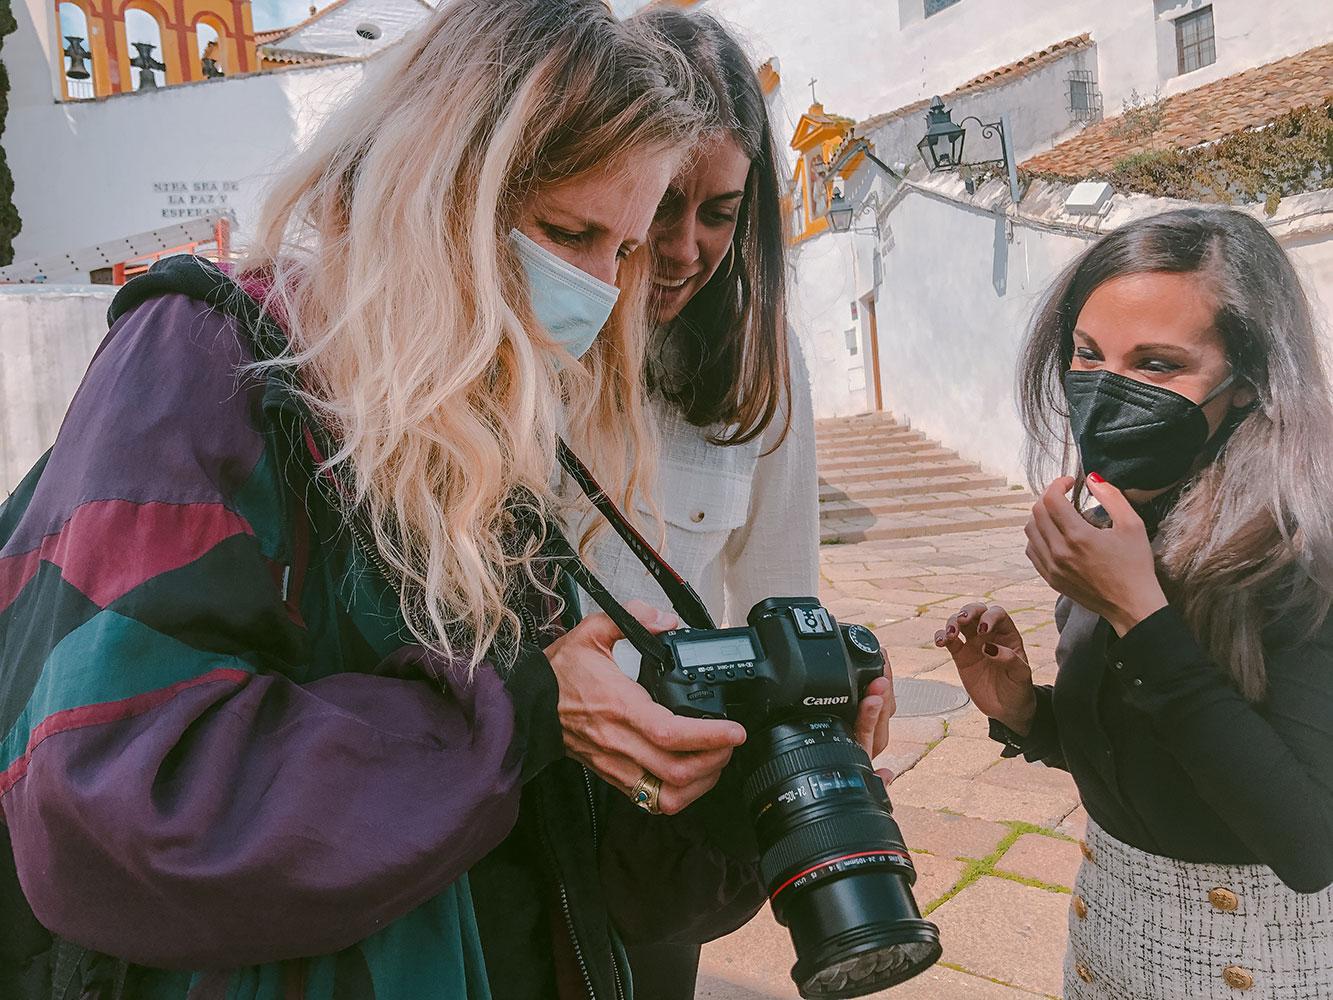 Sesi N De Fotos Con Pilar Poyatos S Bado Comunicaci N Y Marketing Digital 2 - Un Sábado Con Pilar Poyatos